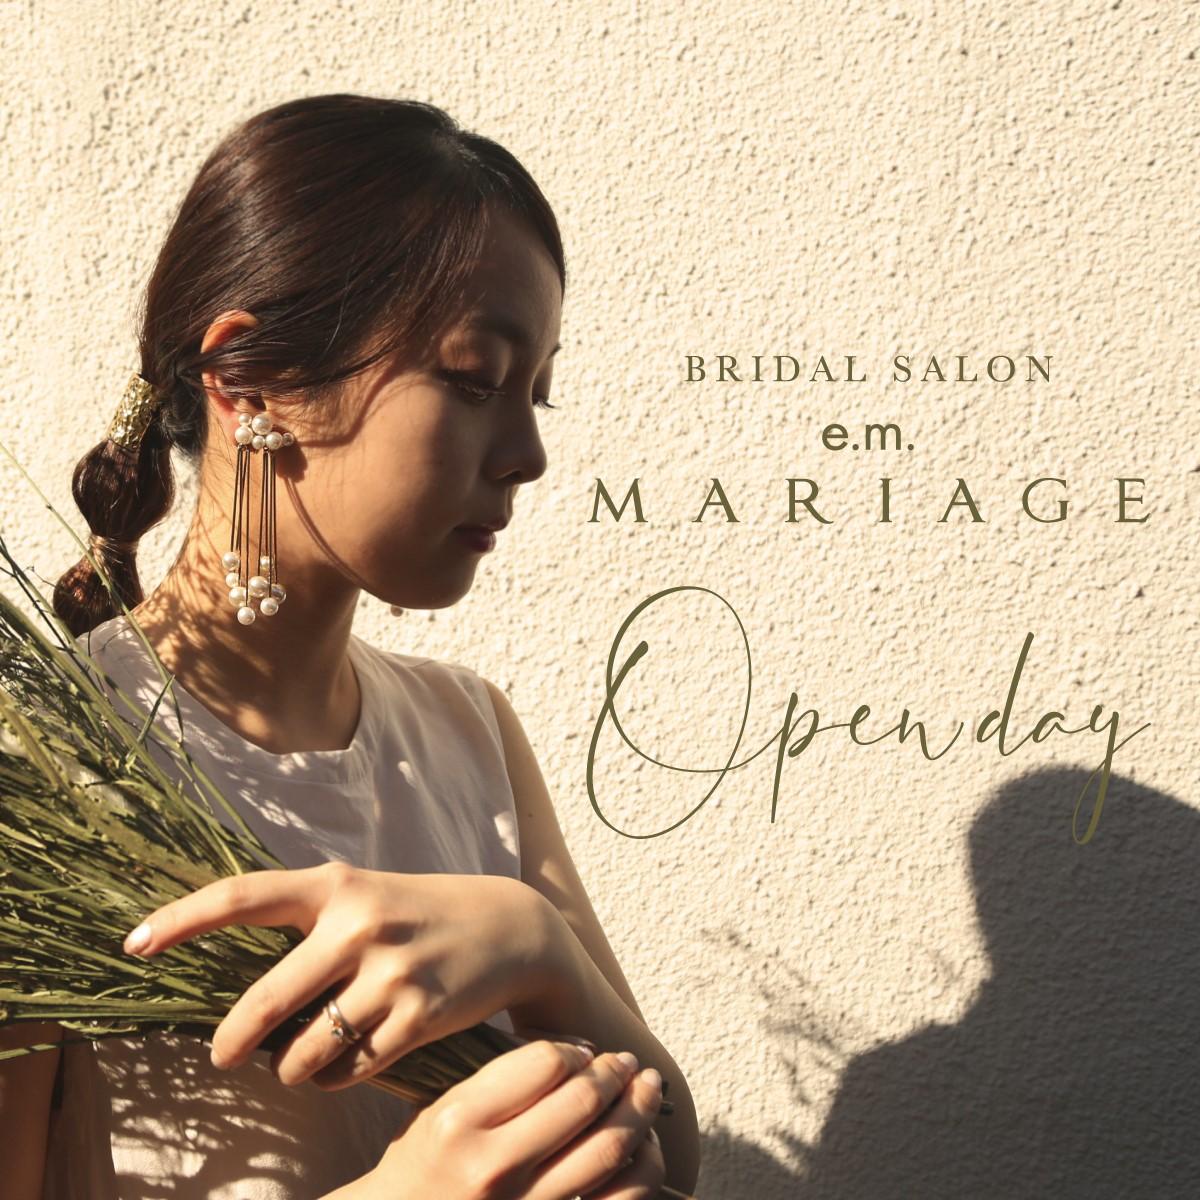 e.m.MARIAGE_openday